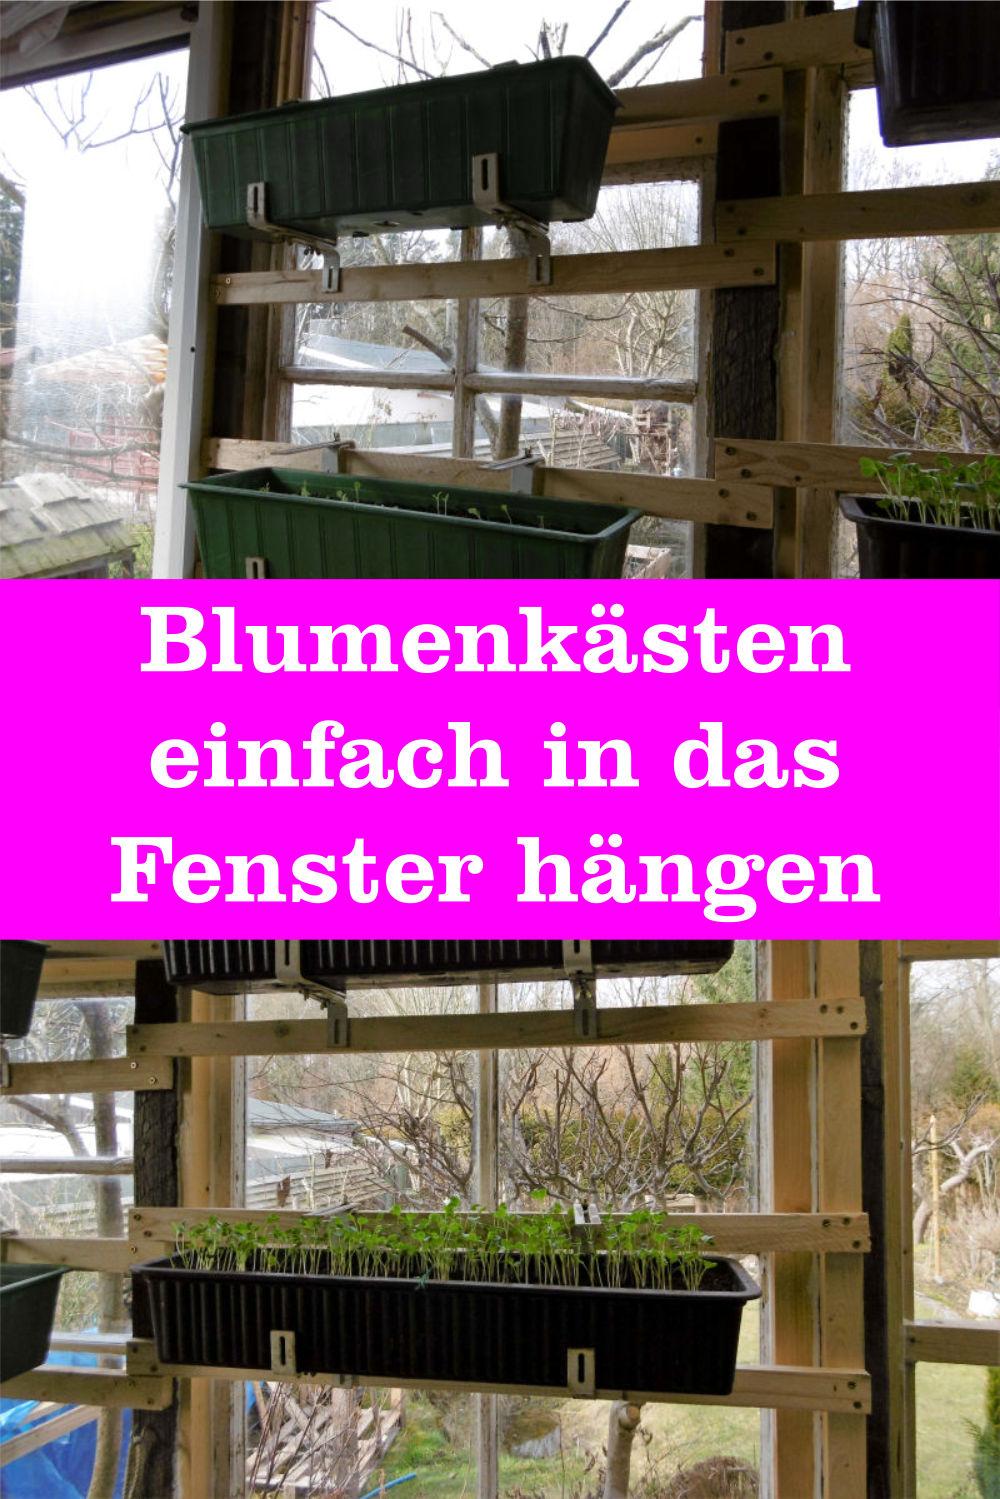 Blumenkasten Fenster